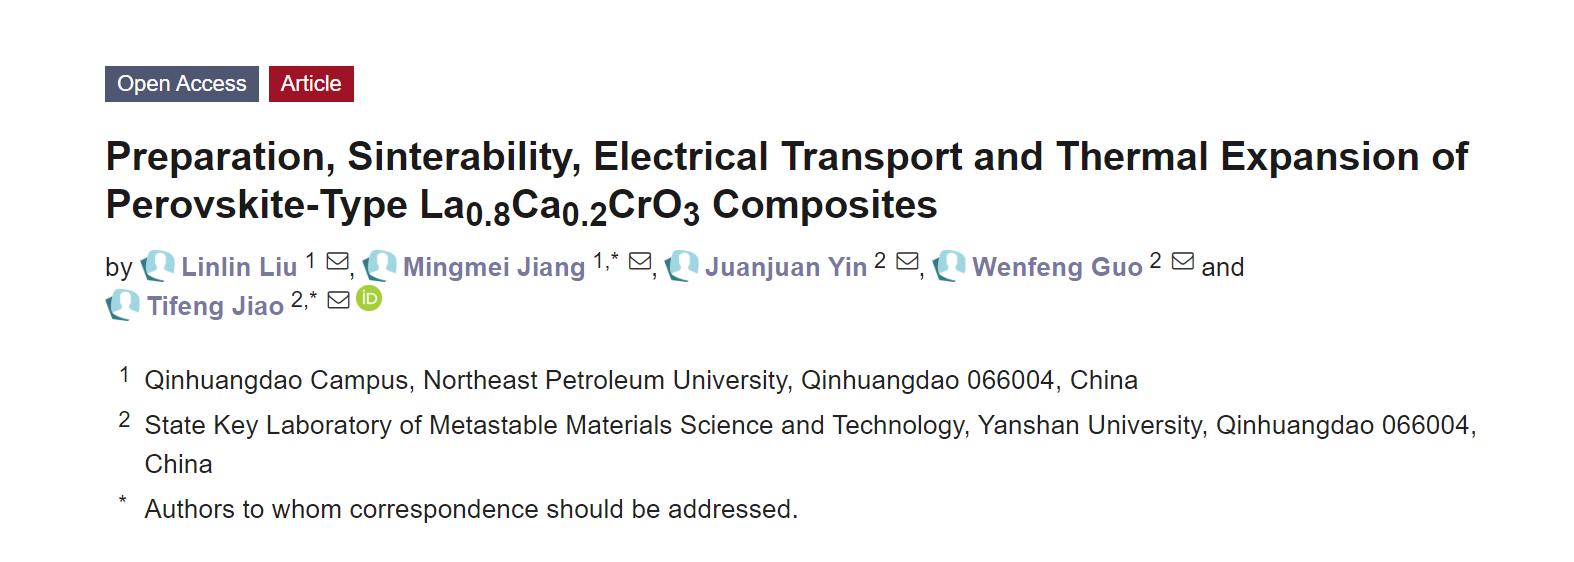 La0.8Ca0.2CrO3复合材料的性能,会受到加工方式的不同所影响!